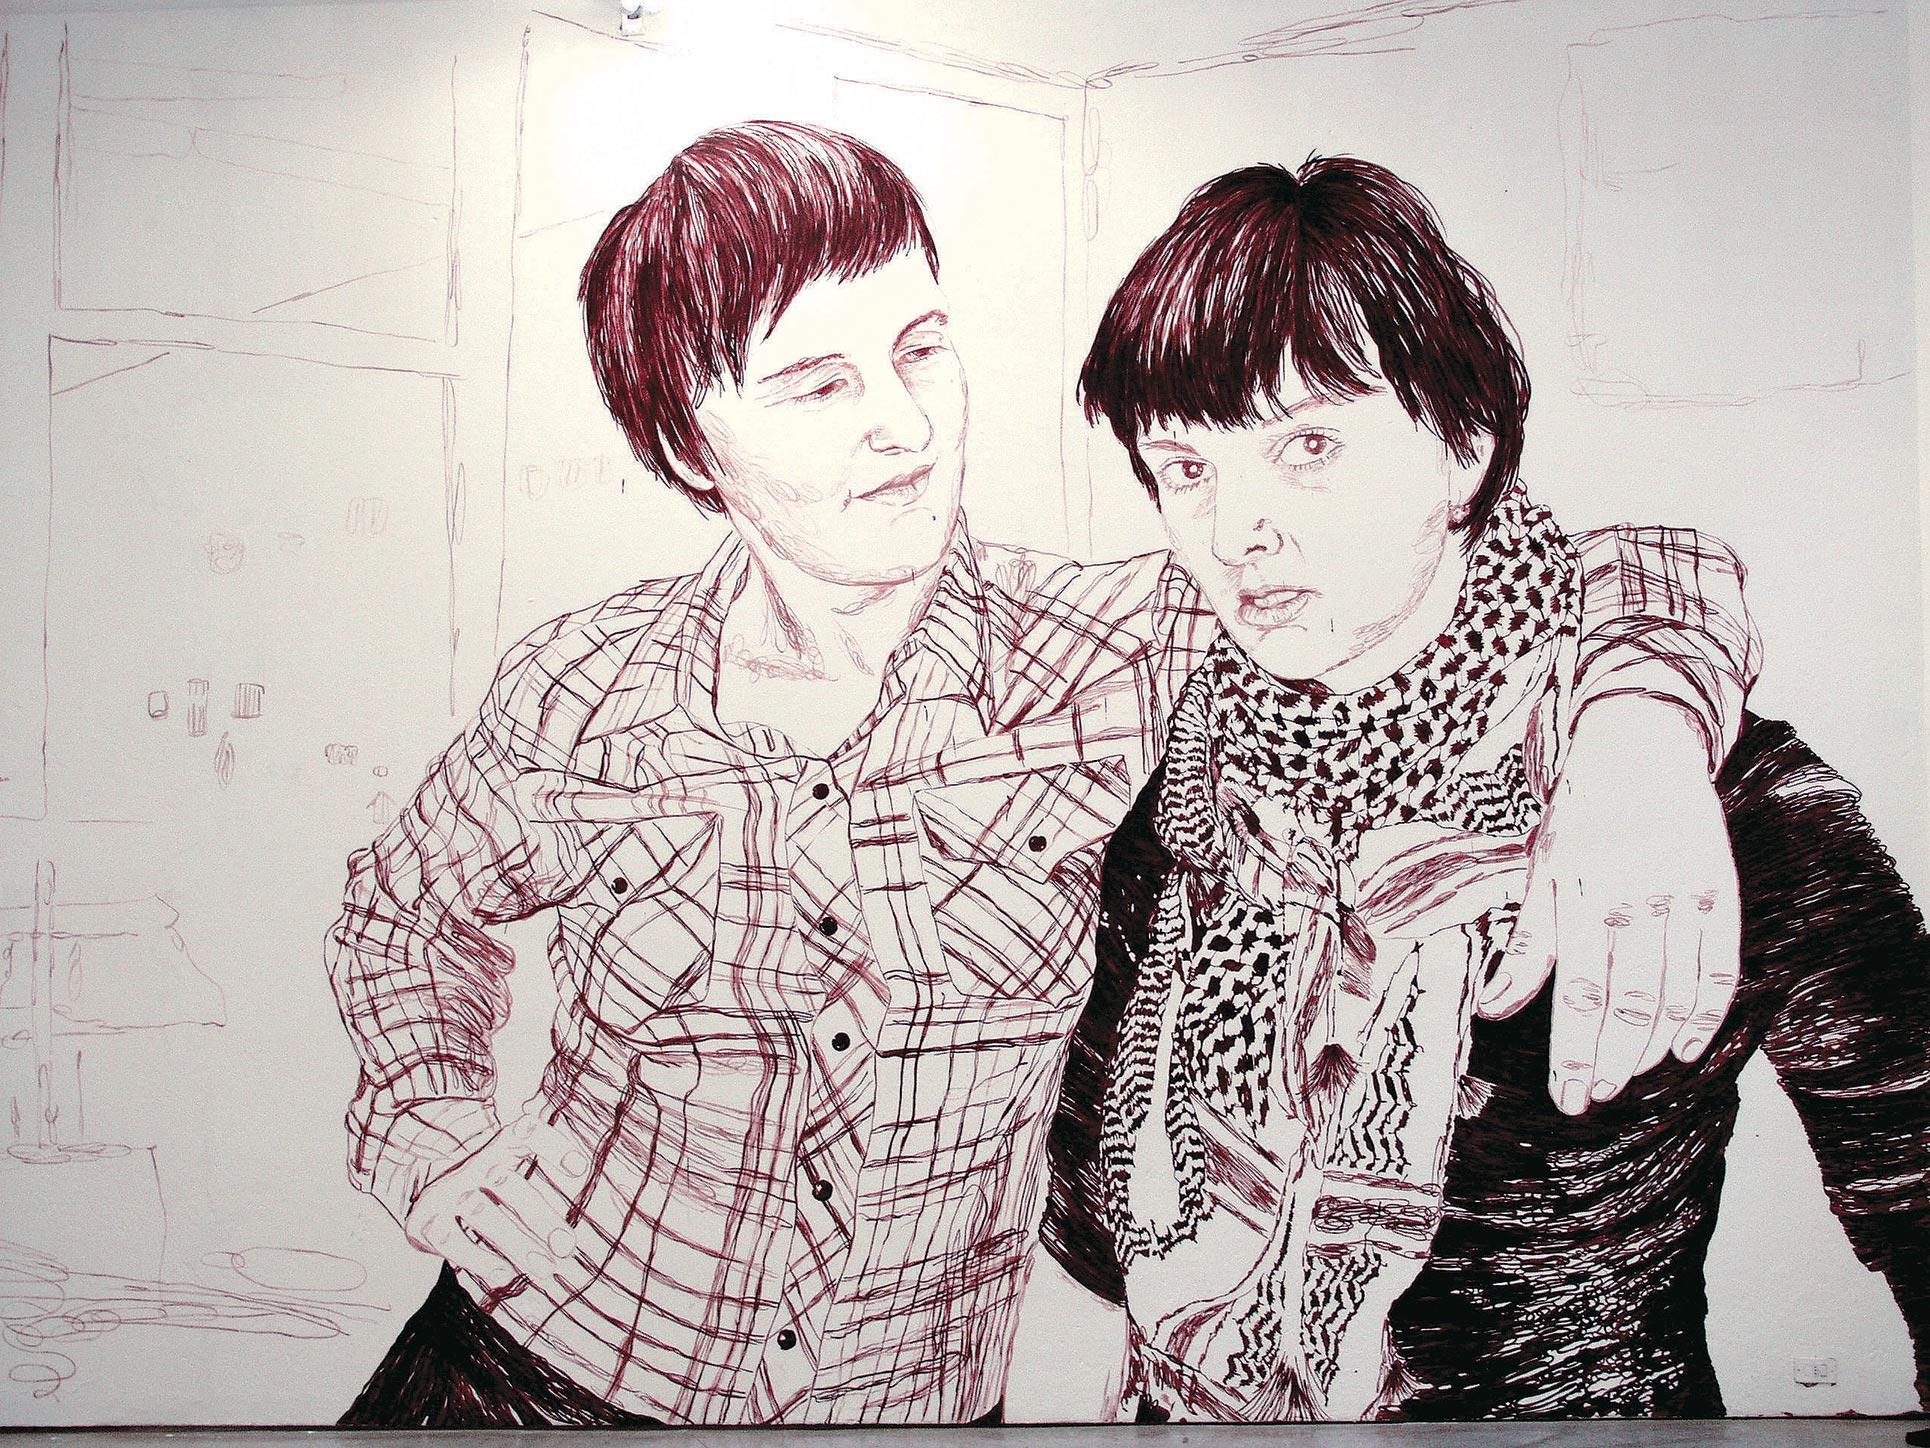 Claudia & Julia Müller, My big sister, 2005